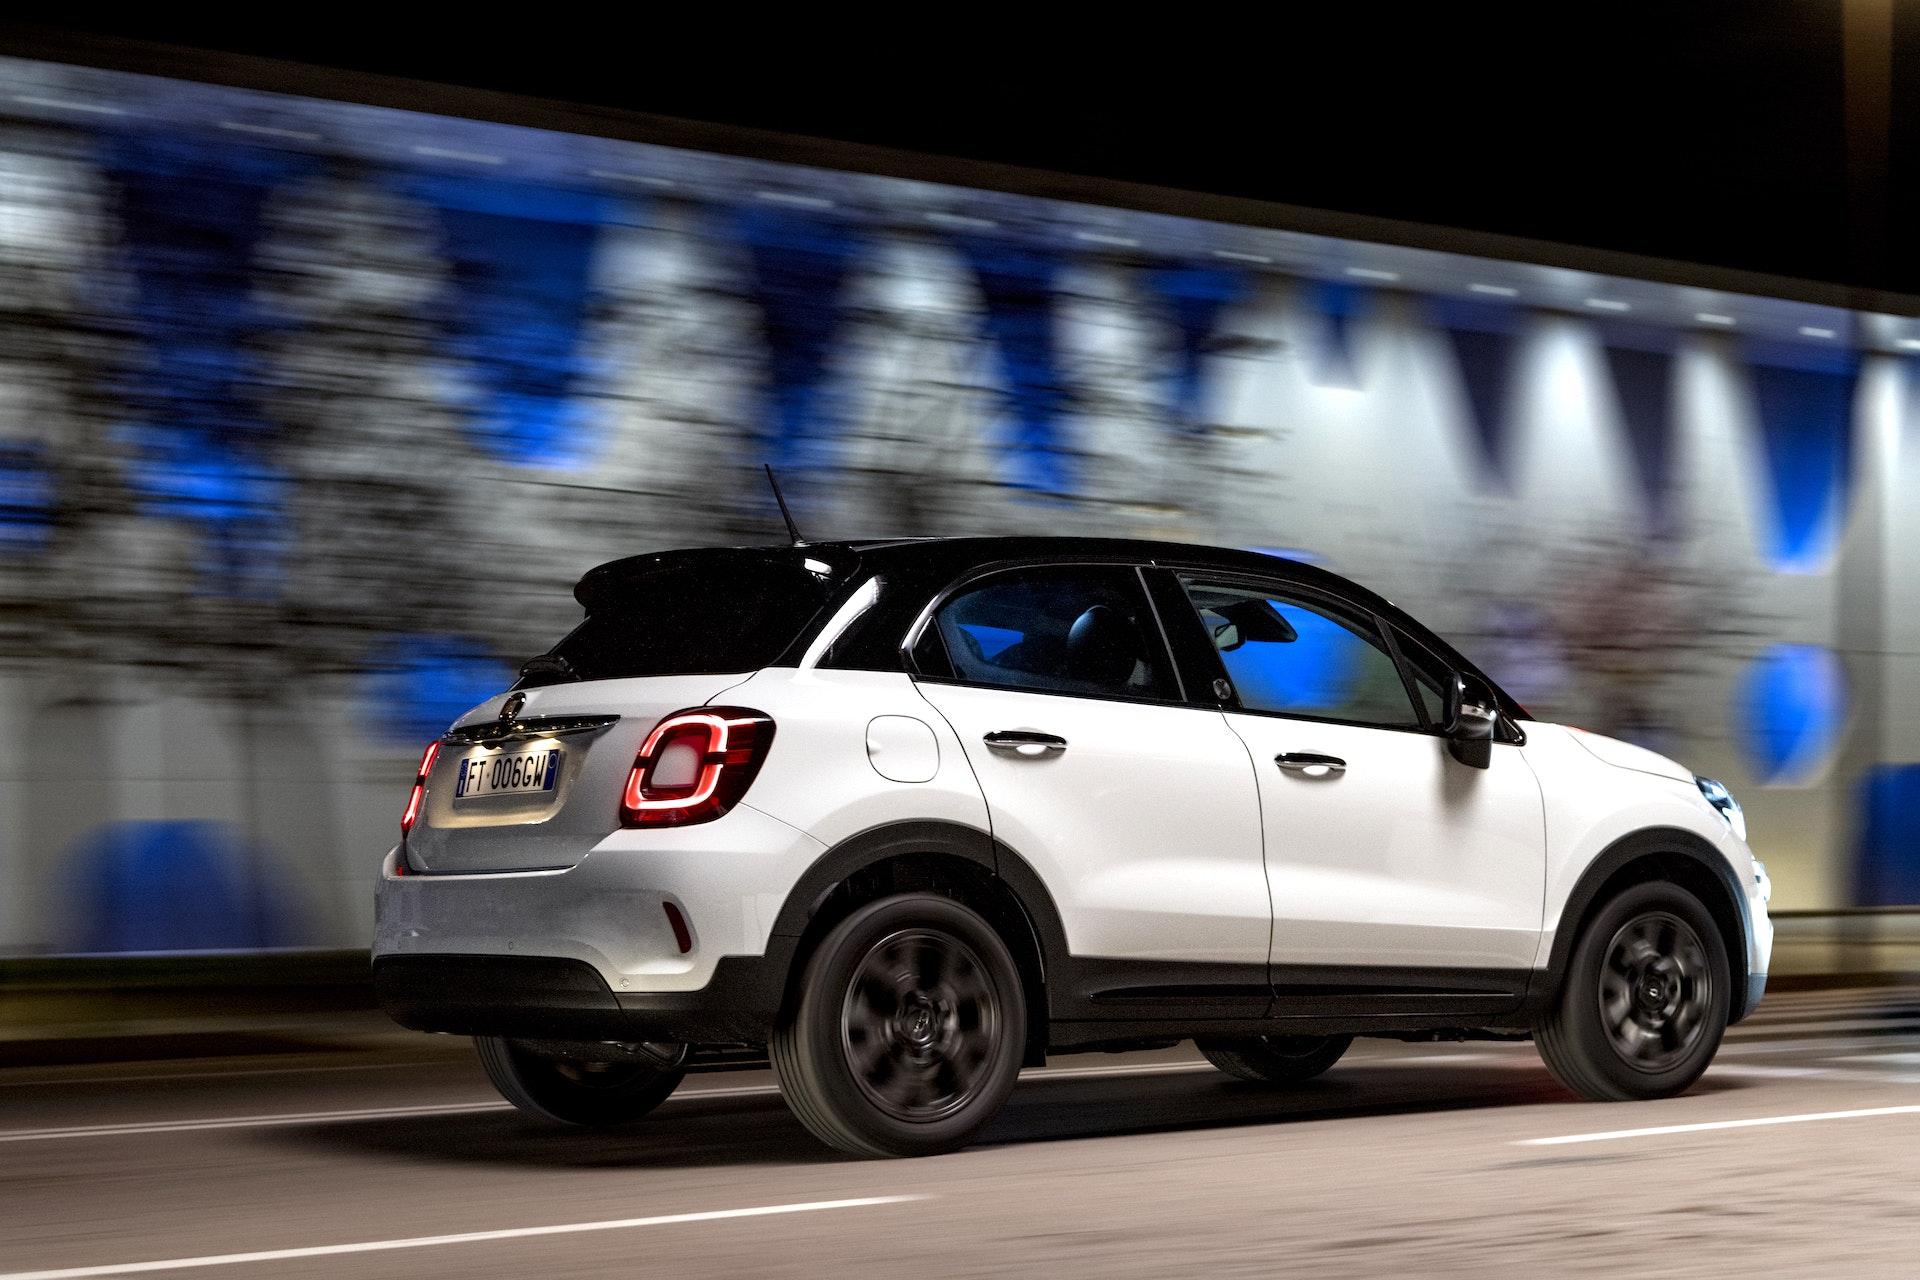 Promozione Fiat 500x Prezzi Da 14 900 Euro